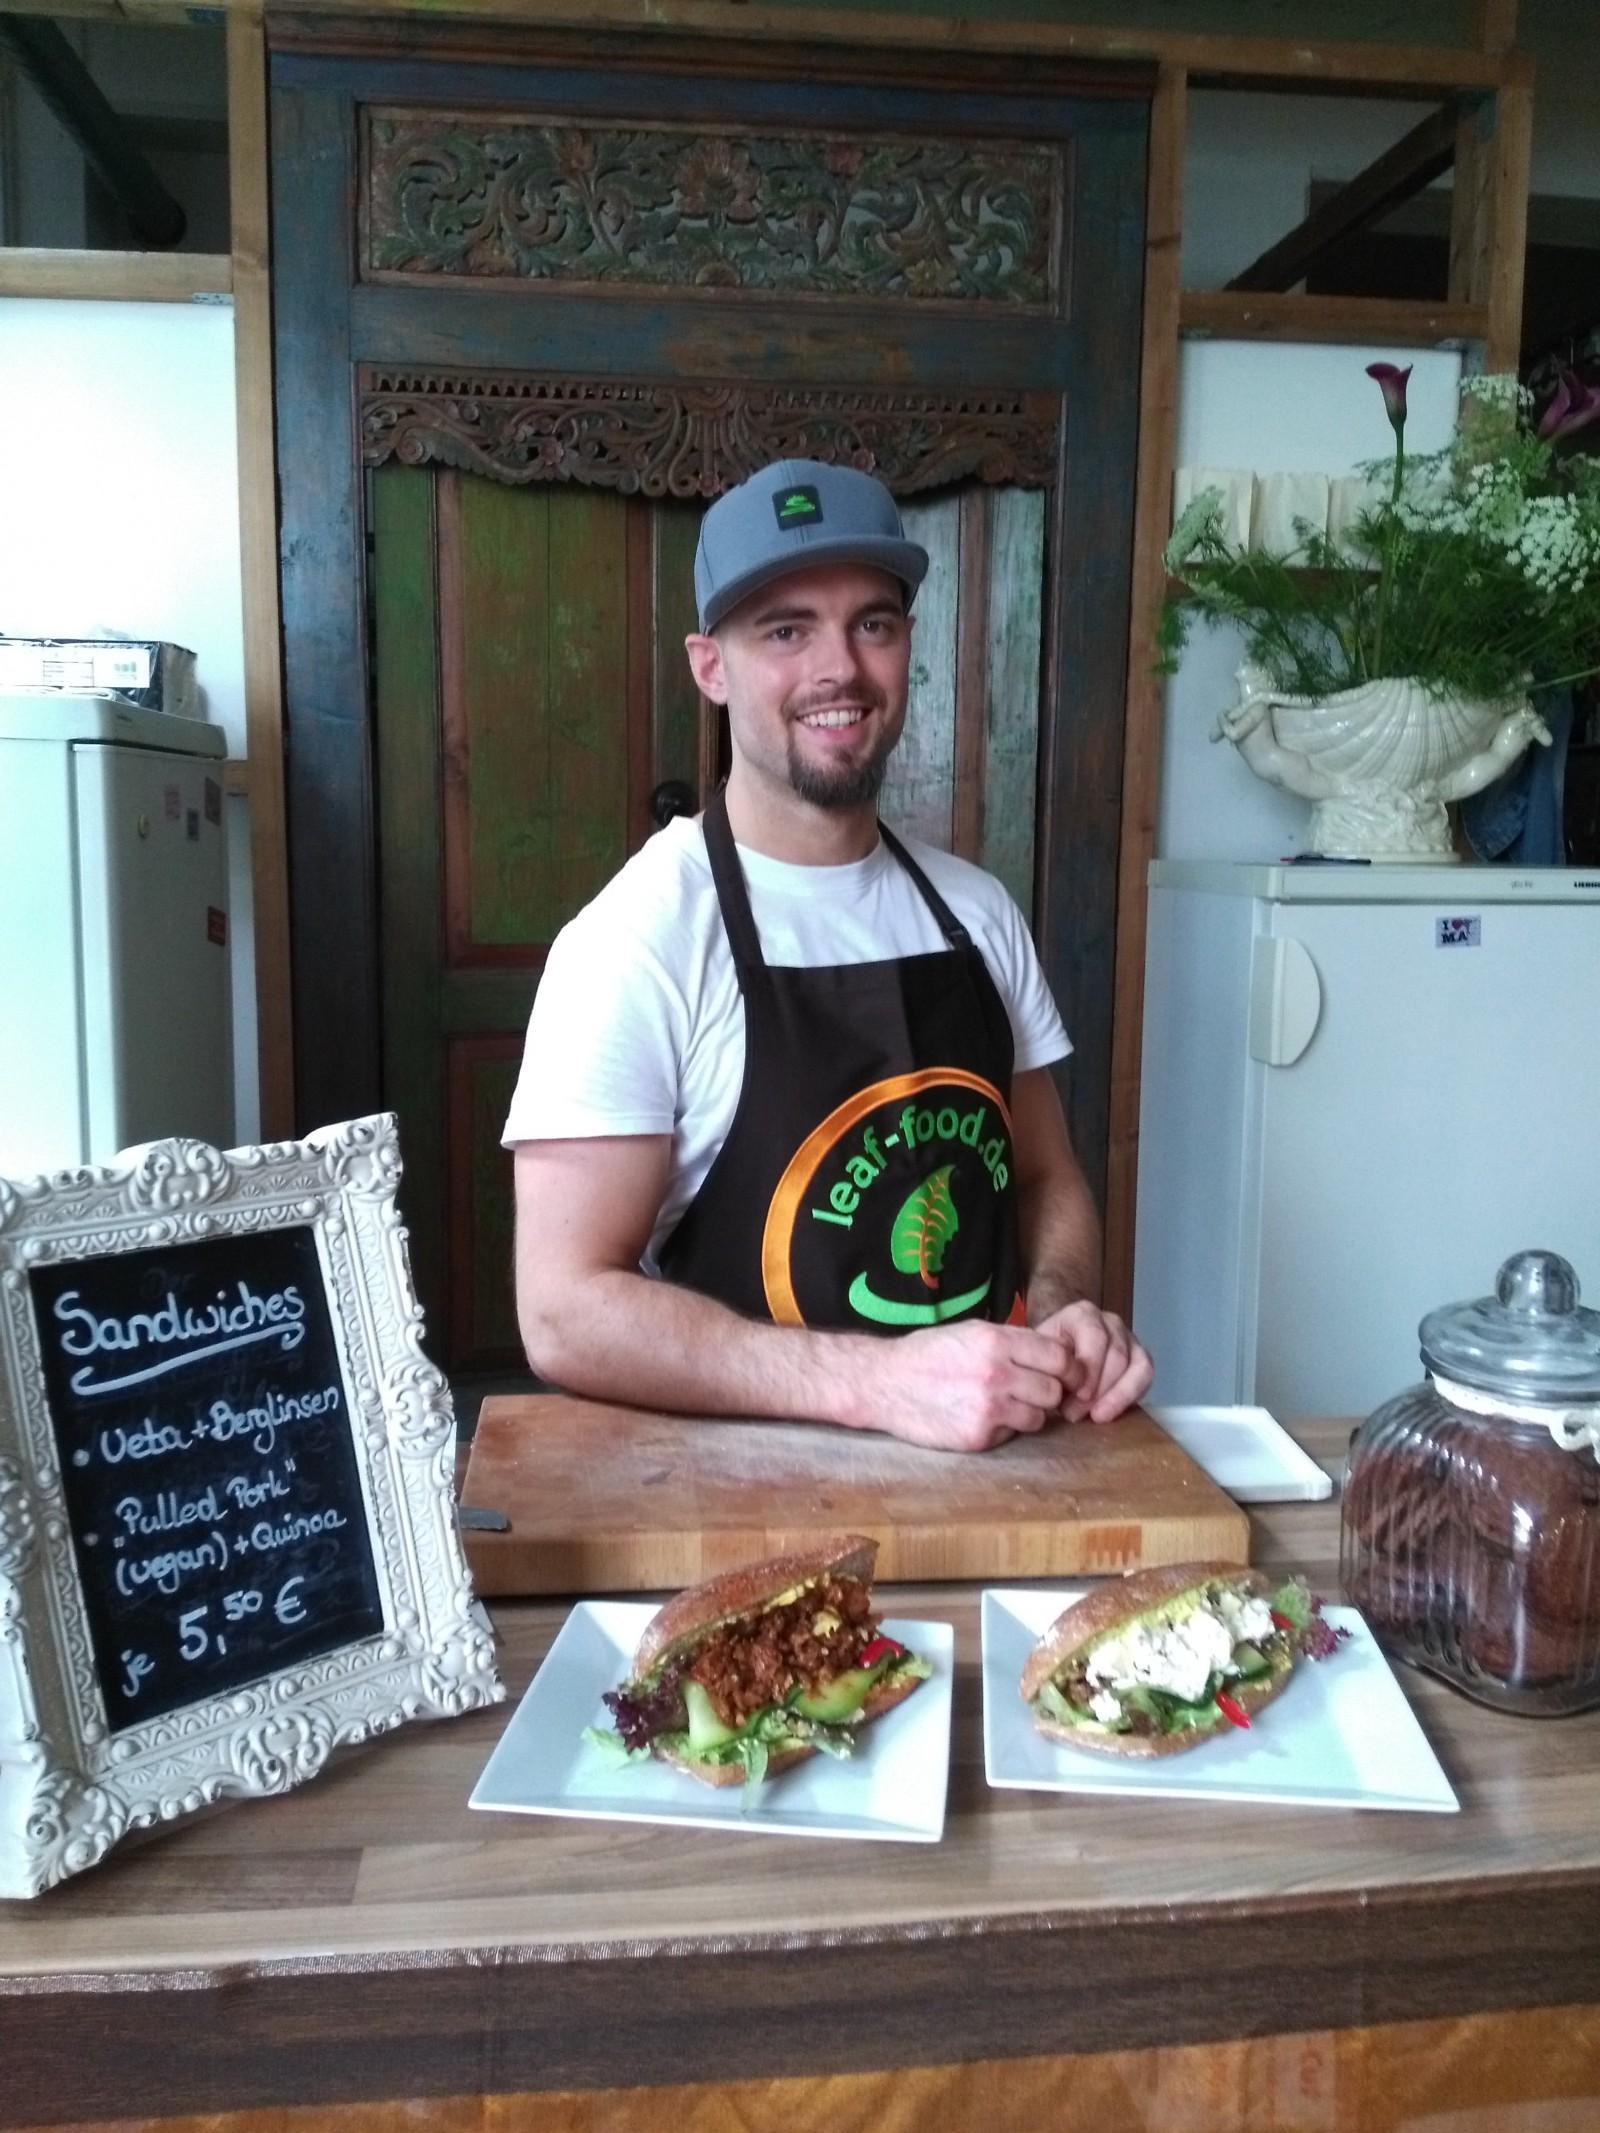 restaurant leaf food in mannheim baden w rttemberg. Black Bedroom Furniture Sets. Home Design Ideas